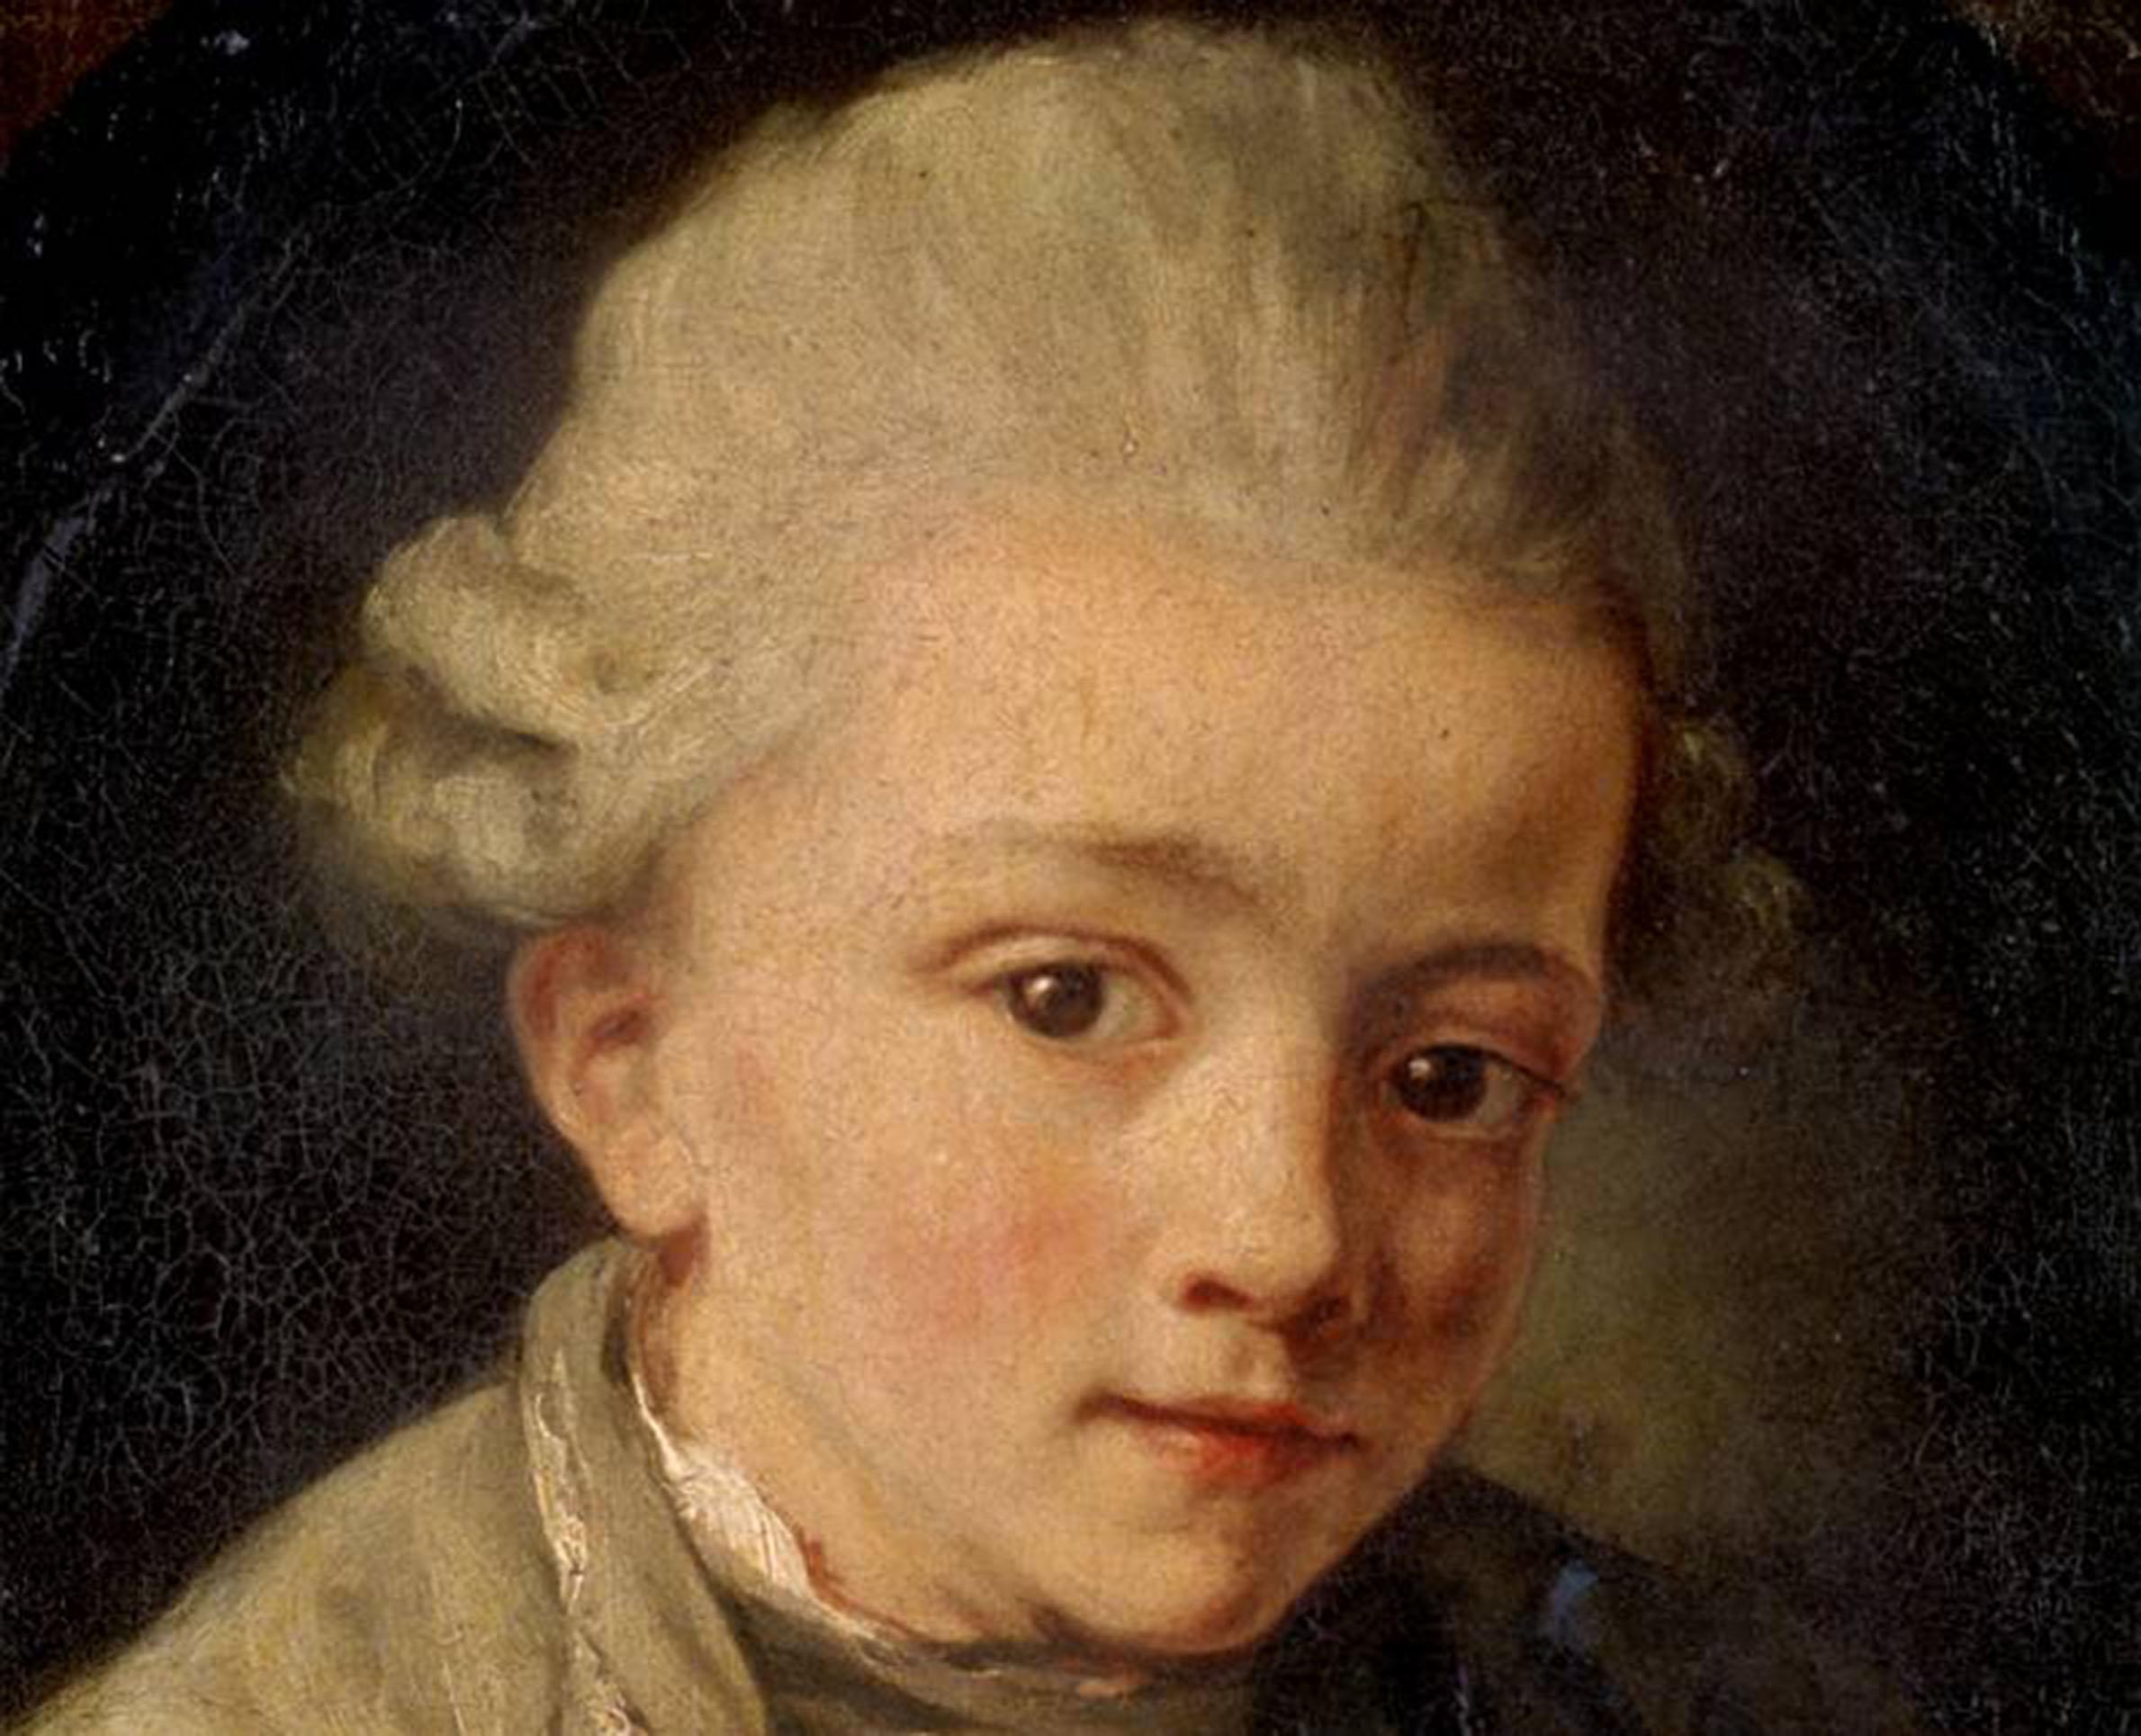 Bilder von Komponisten